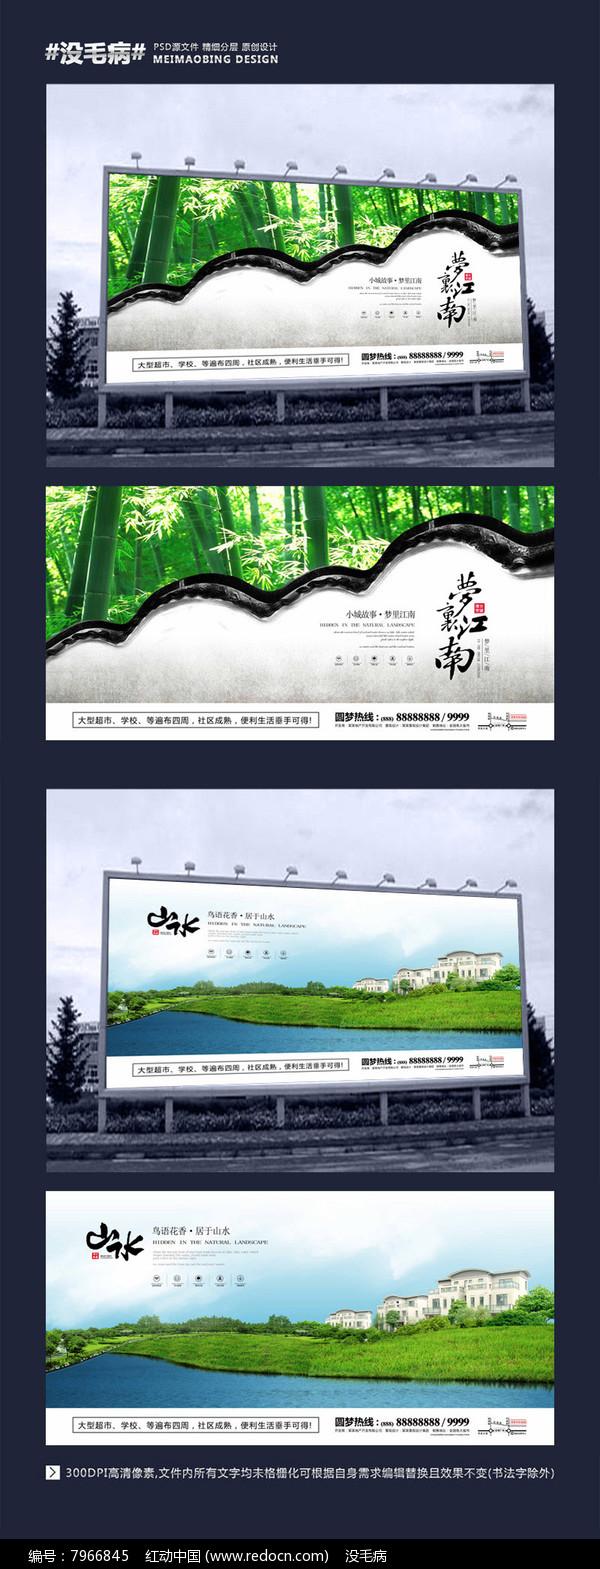 山水房地产广告设计图片